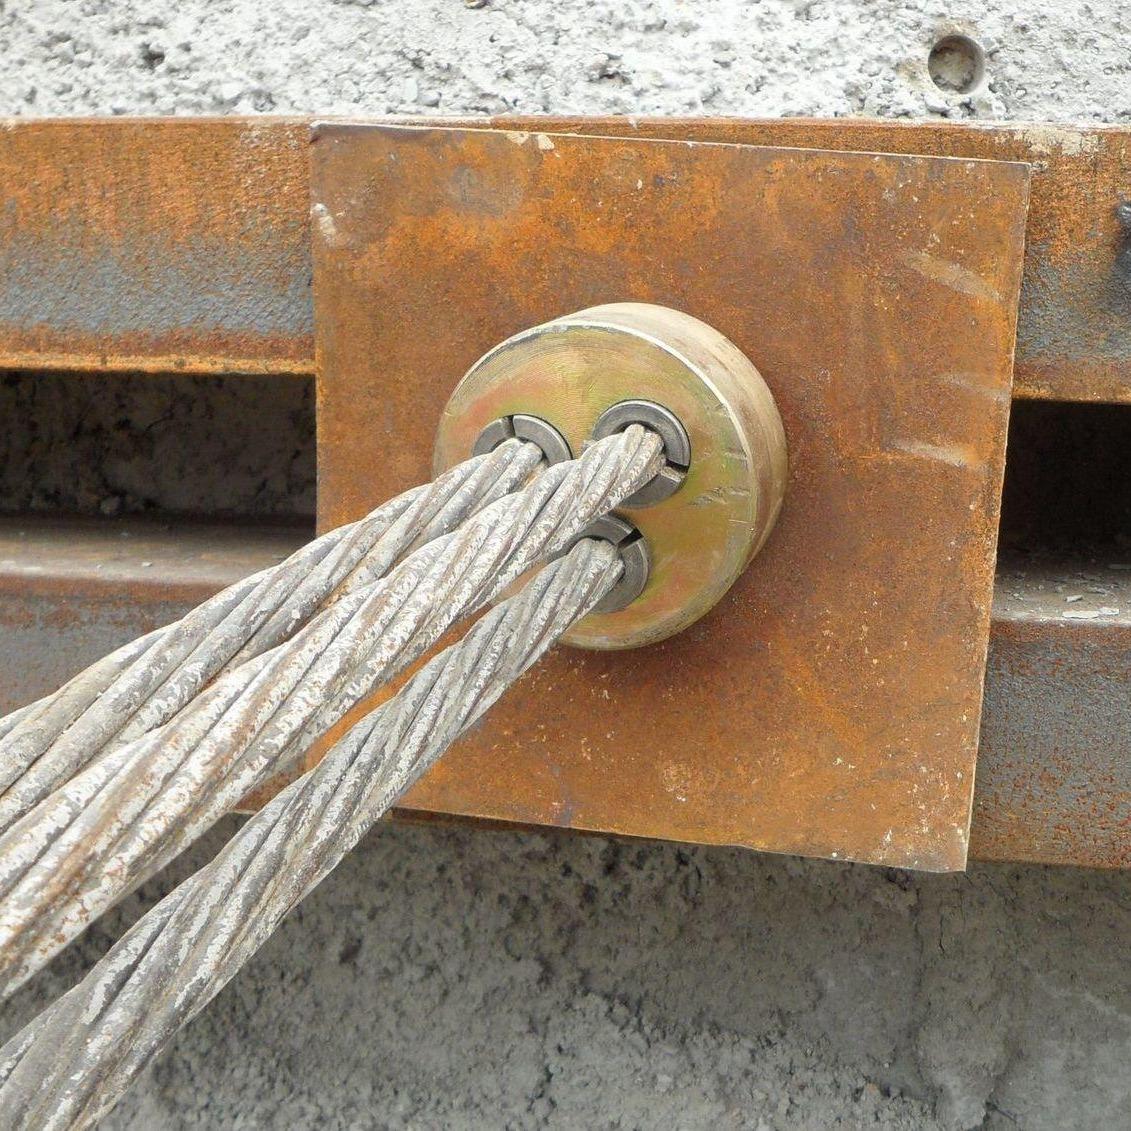 預應力鋼絞線 無粘結鋼絞線 預應力鋼絞線